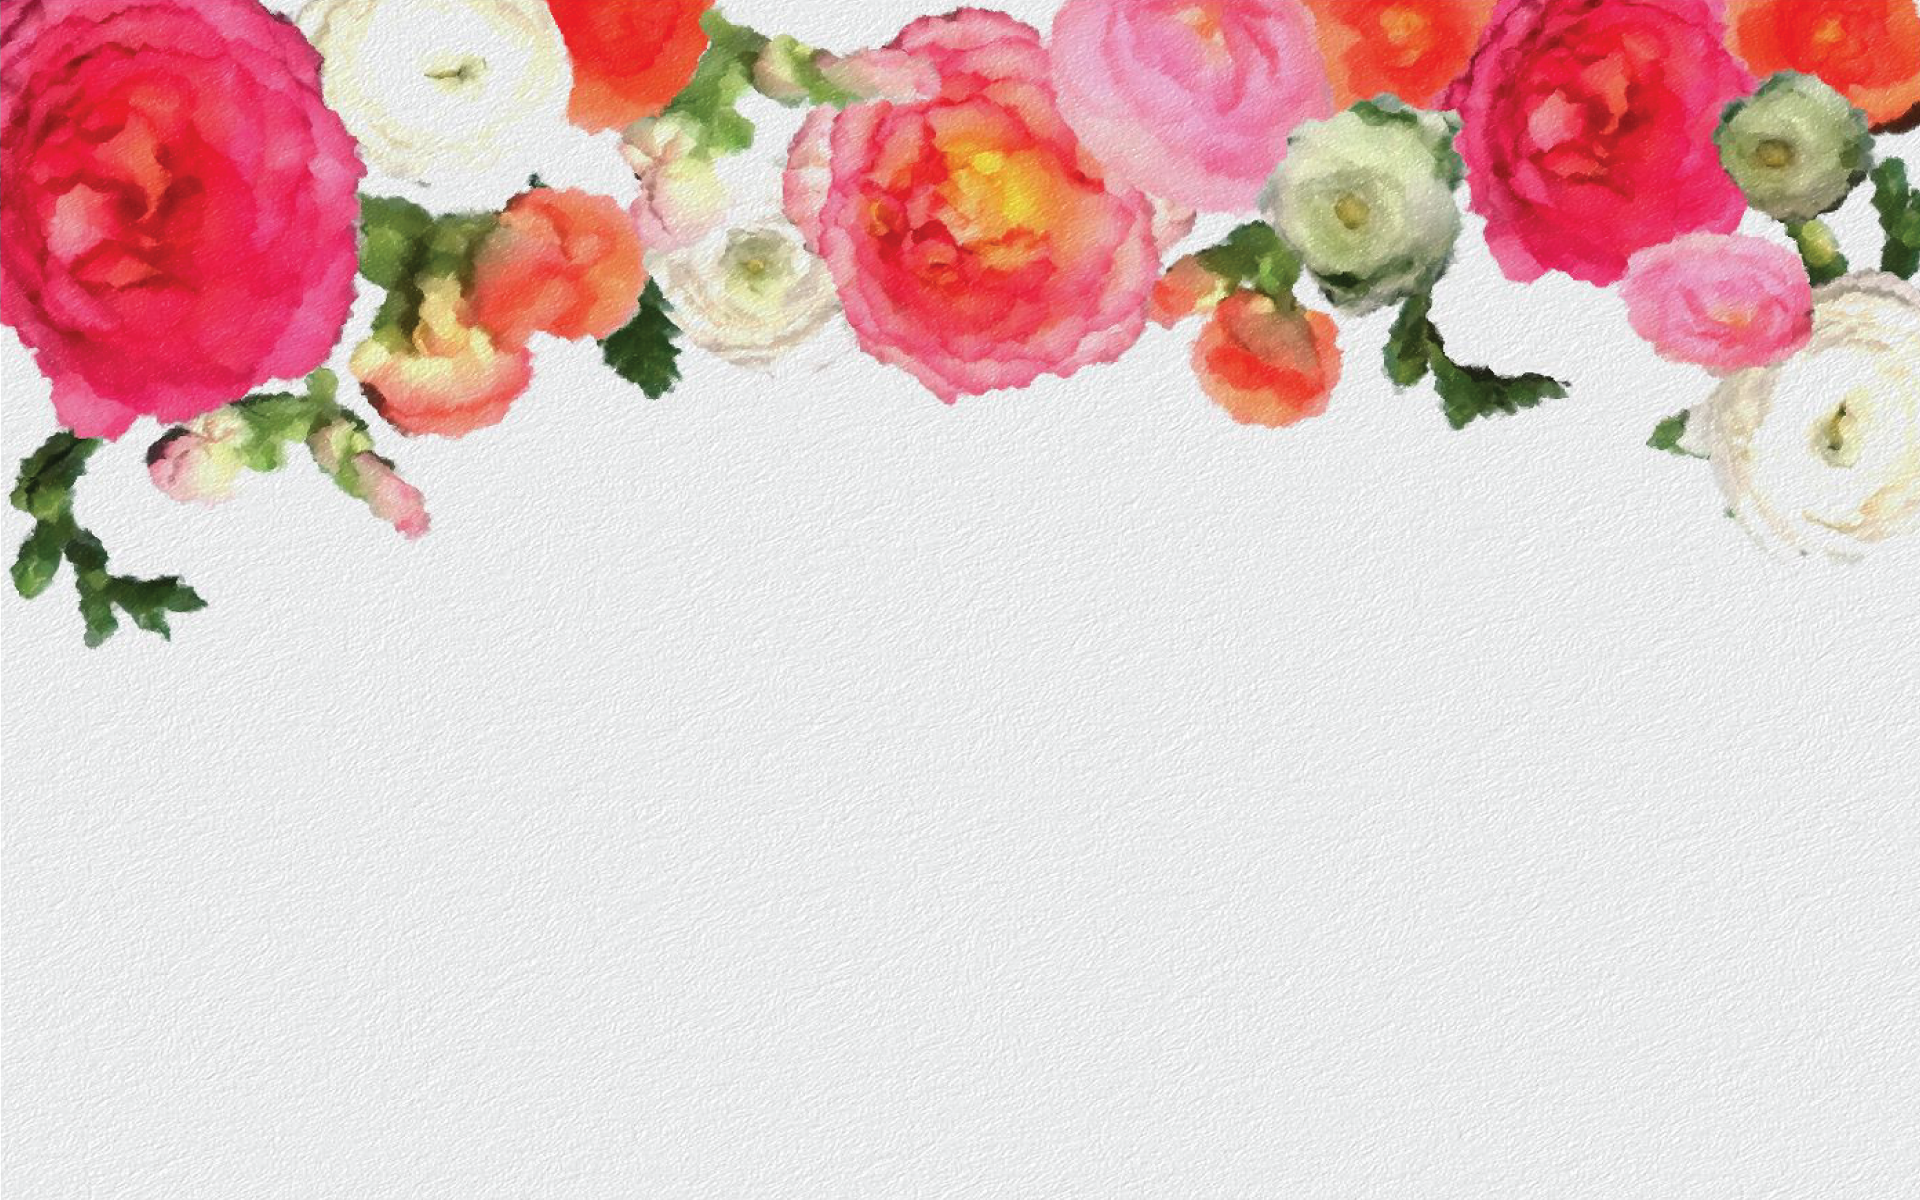 Digital Roundup Floral Desktop Wallpapers For Spring